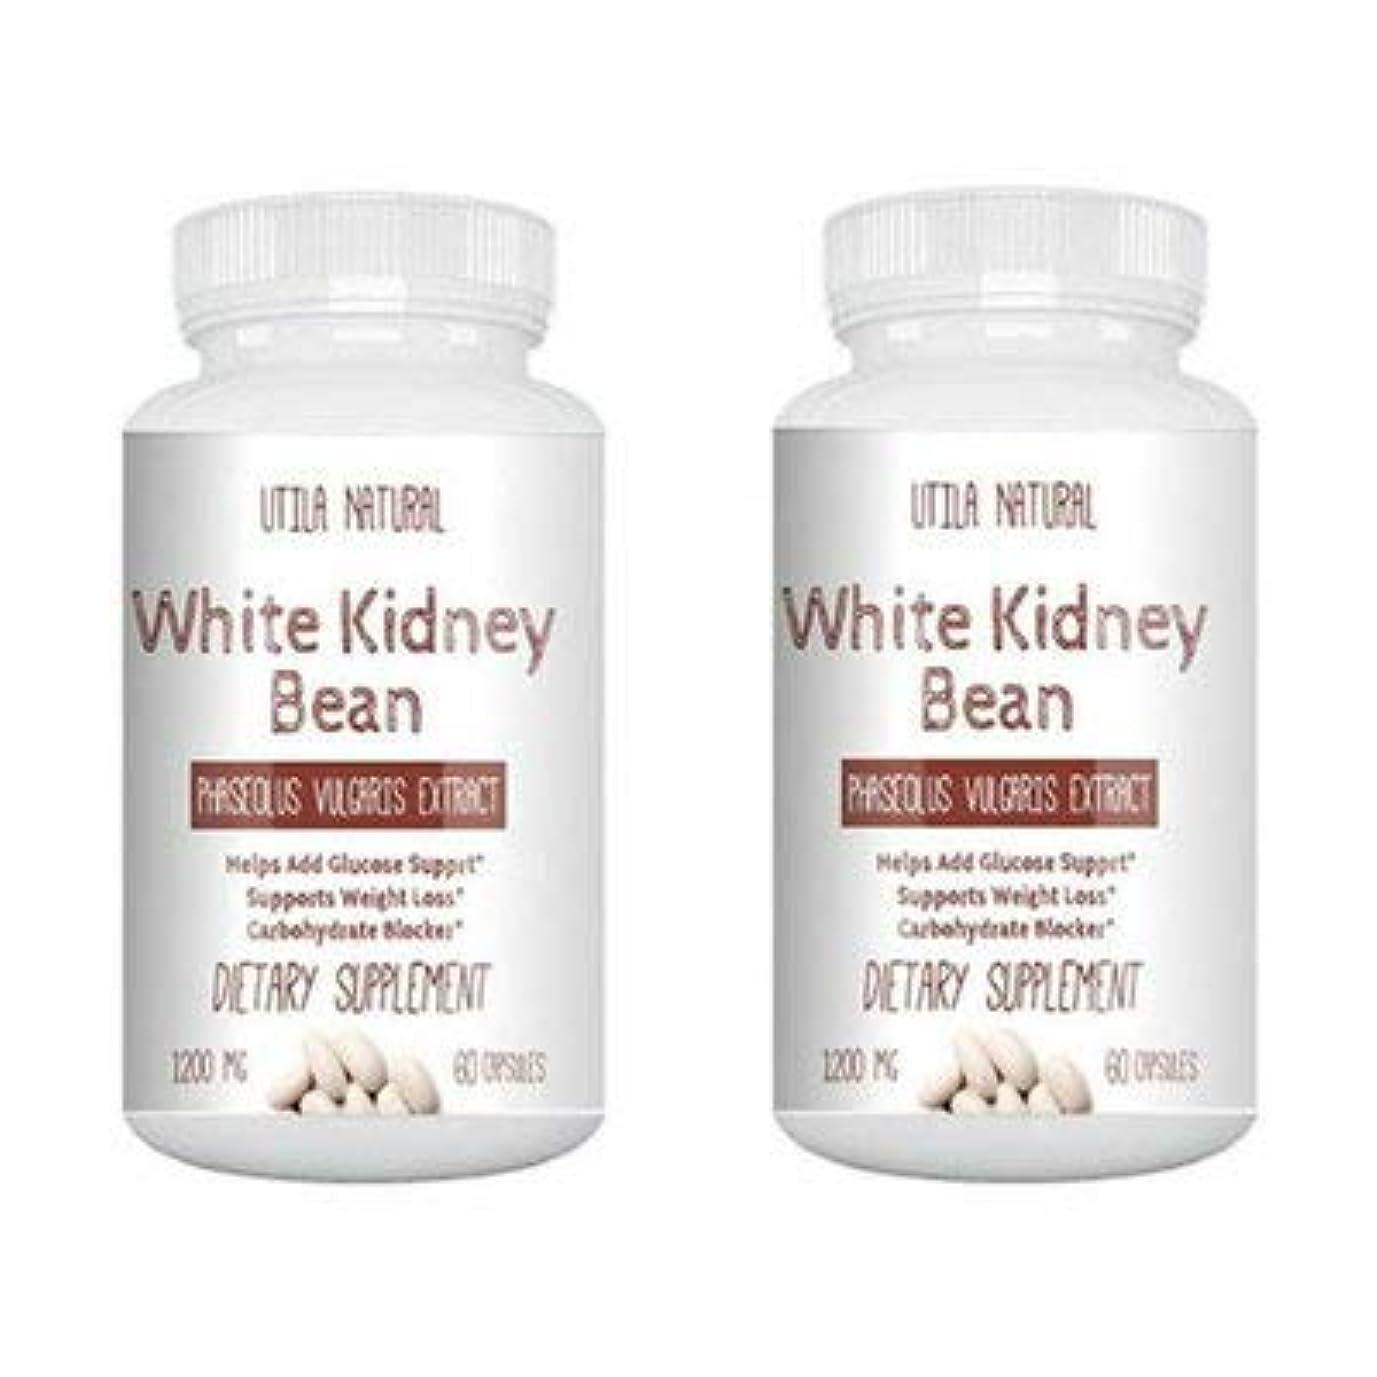 神経障害誤解しみお得な2個セット!  白いんげん豆サプリ  ホワイトキドニービーン抽出液  600mg 60ベジタブルカプセル White Kidney Bean [並行輸入品]